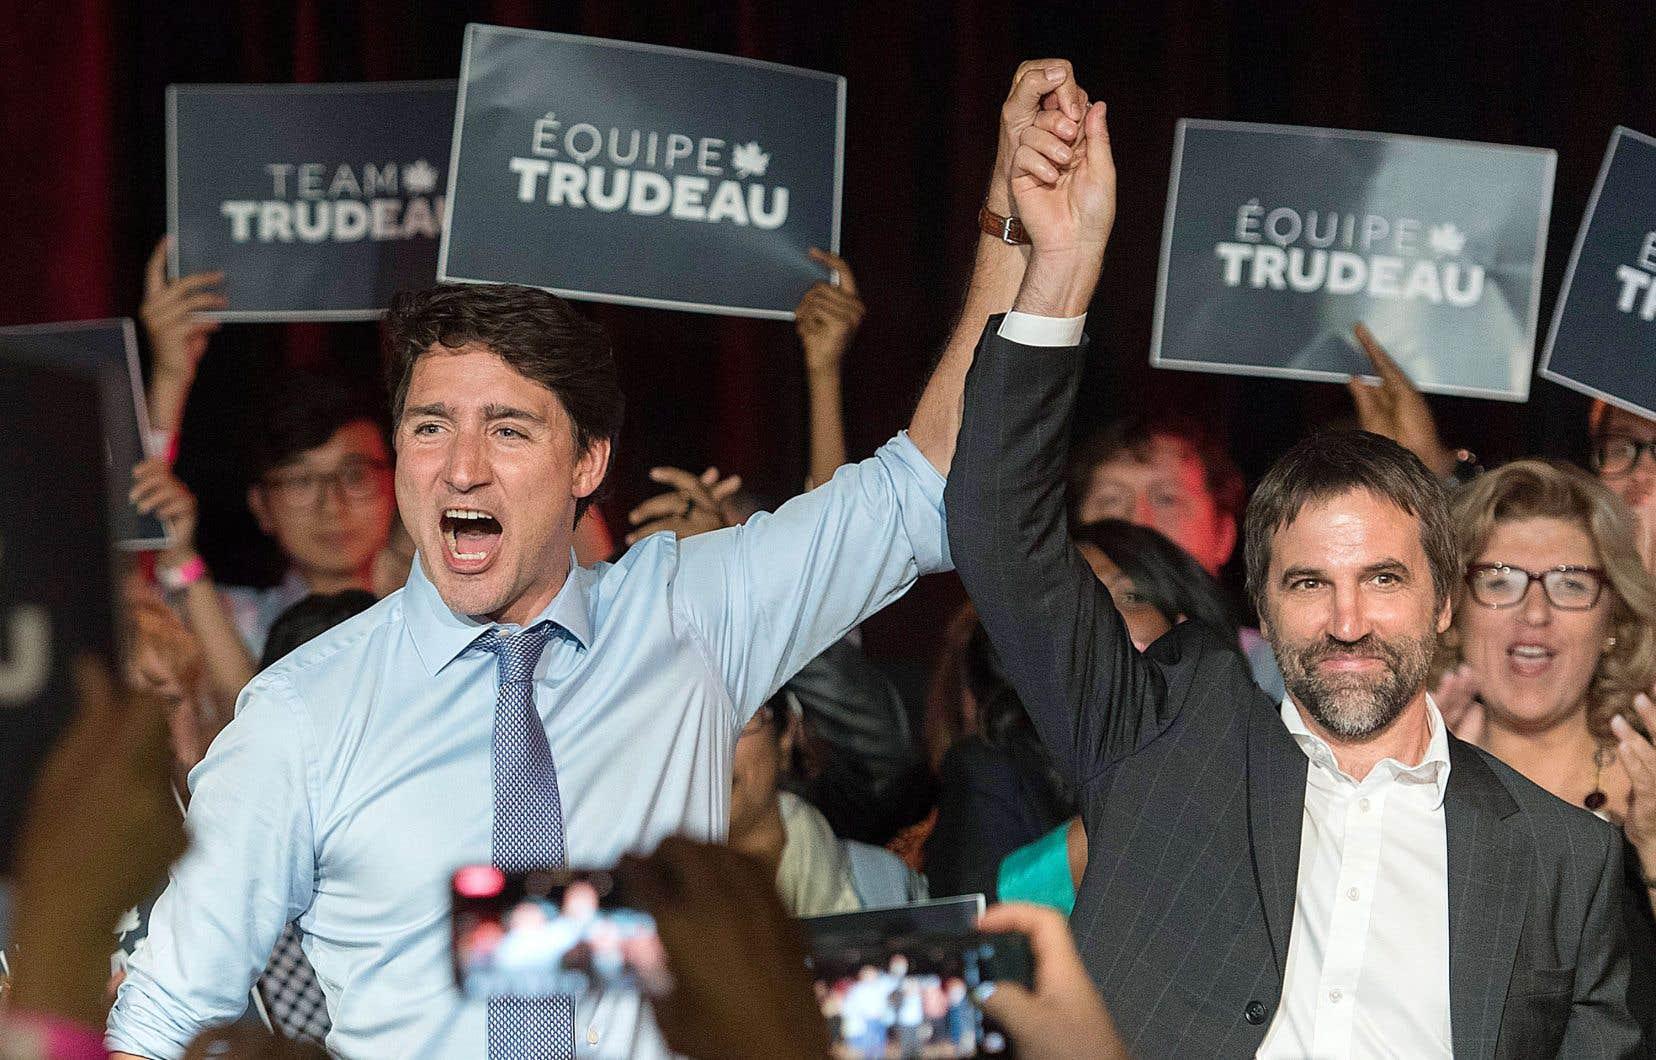 Justin Trudeau en compagnie de Steven Guilbault, lors d'une activité partisane à Montréal en juillet dernier